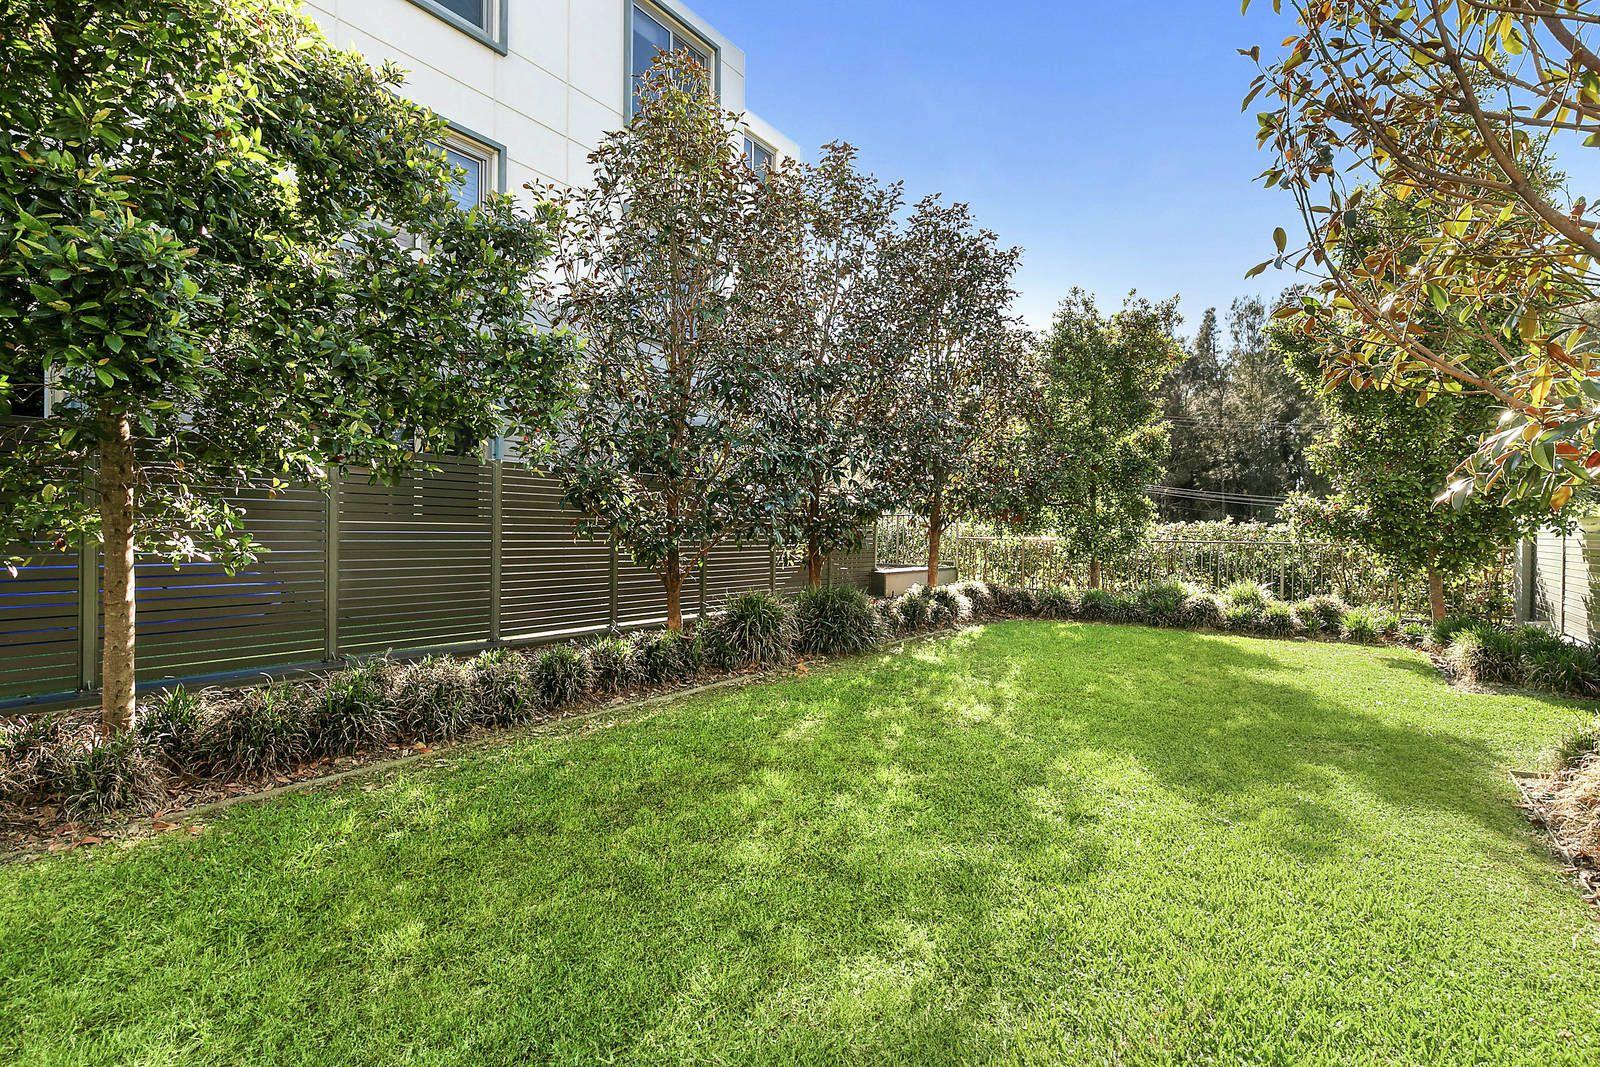 20/3 Mallard  Lane, Warriewood NSW 2102, Image 0